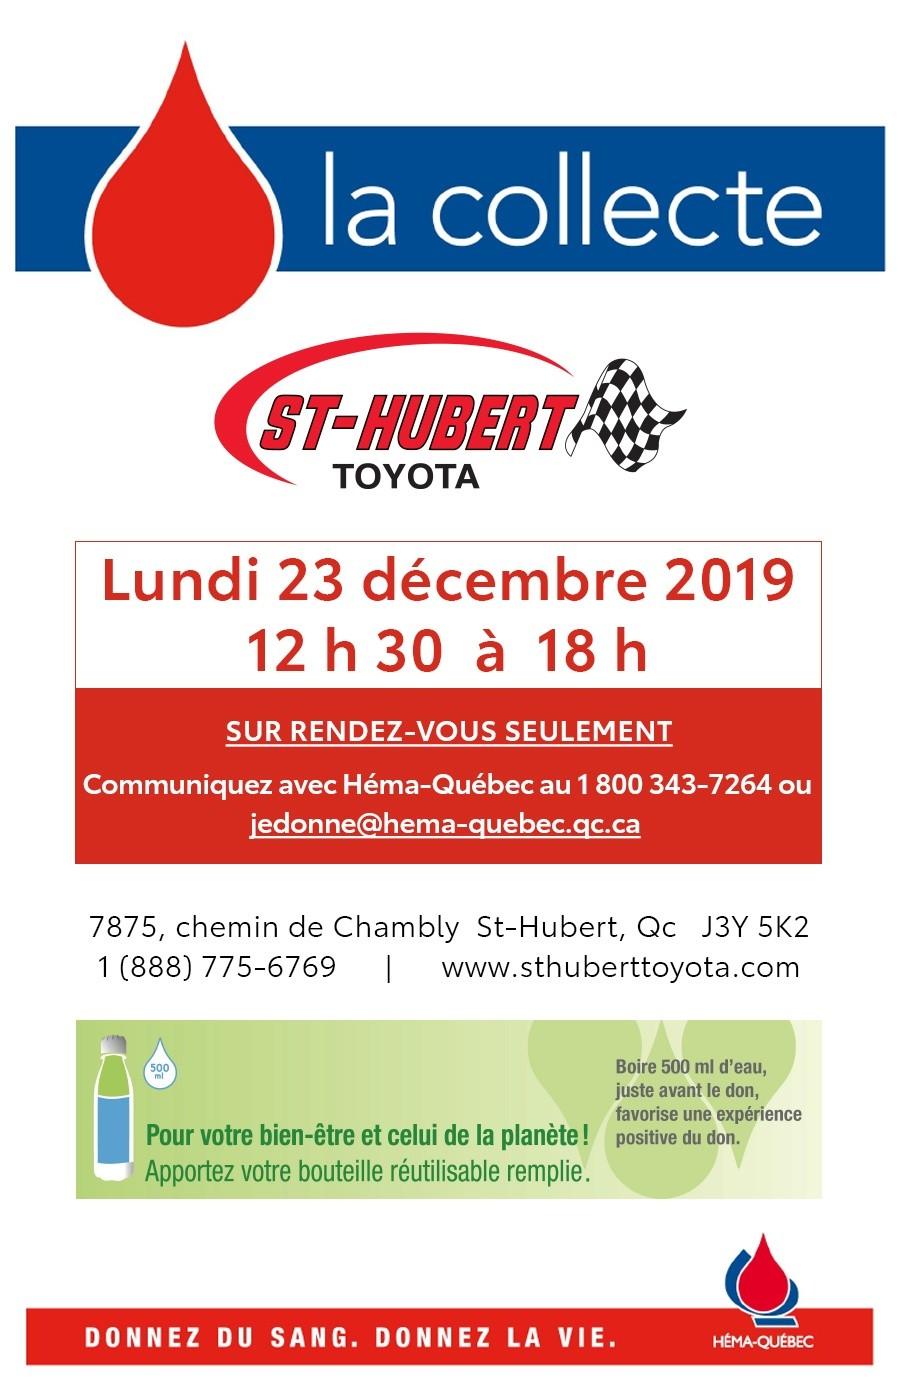 St-Hubert Toyota Collecte De Sang Décembre 2019